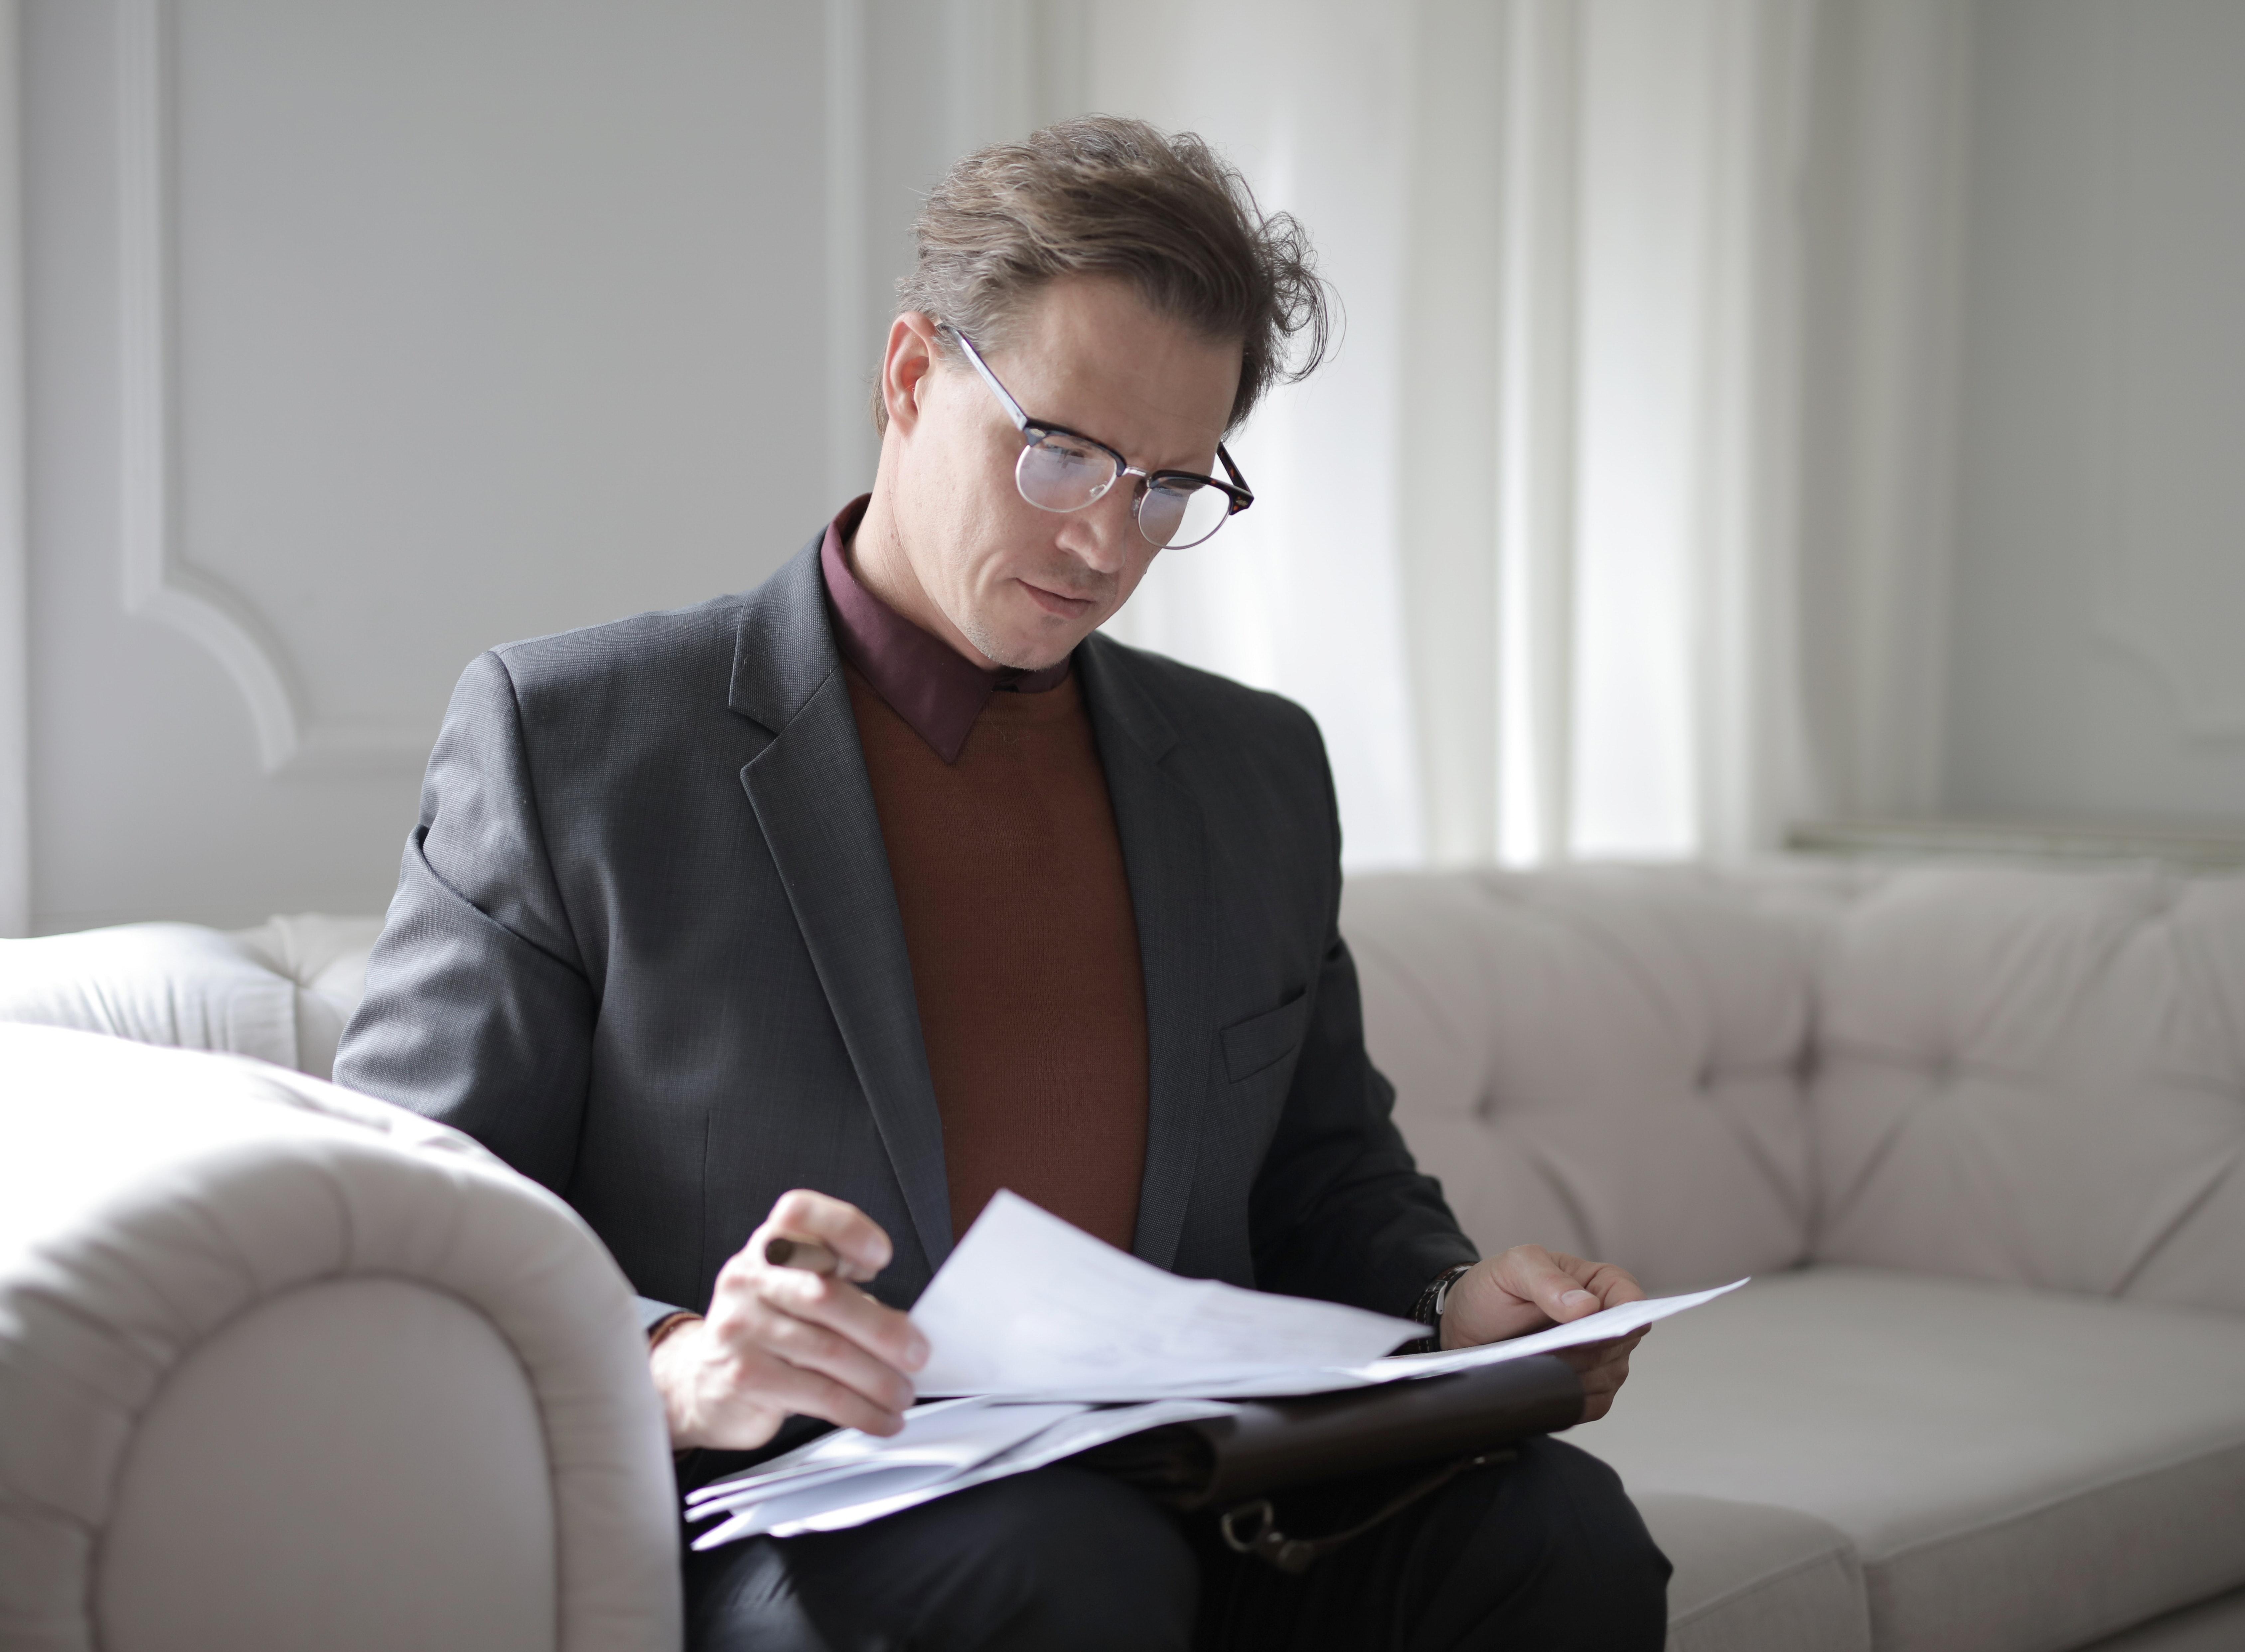 Umowa deweloperska - dlaczego warto skonsultować ją z prawnikiem